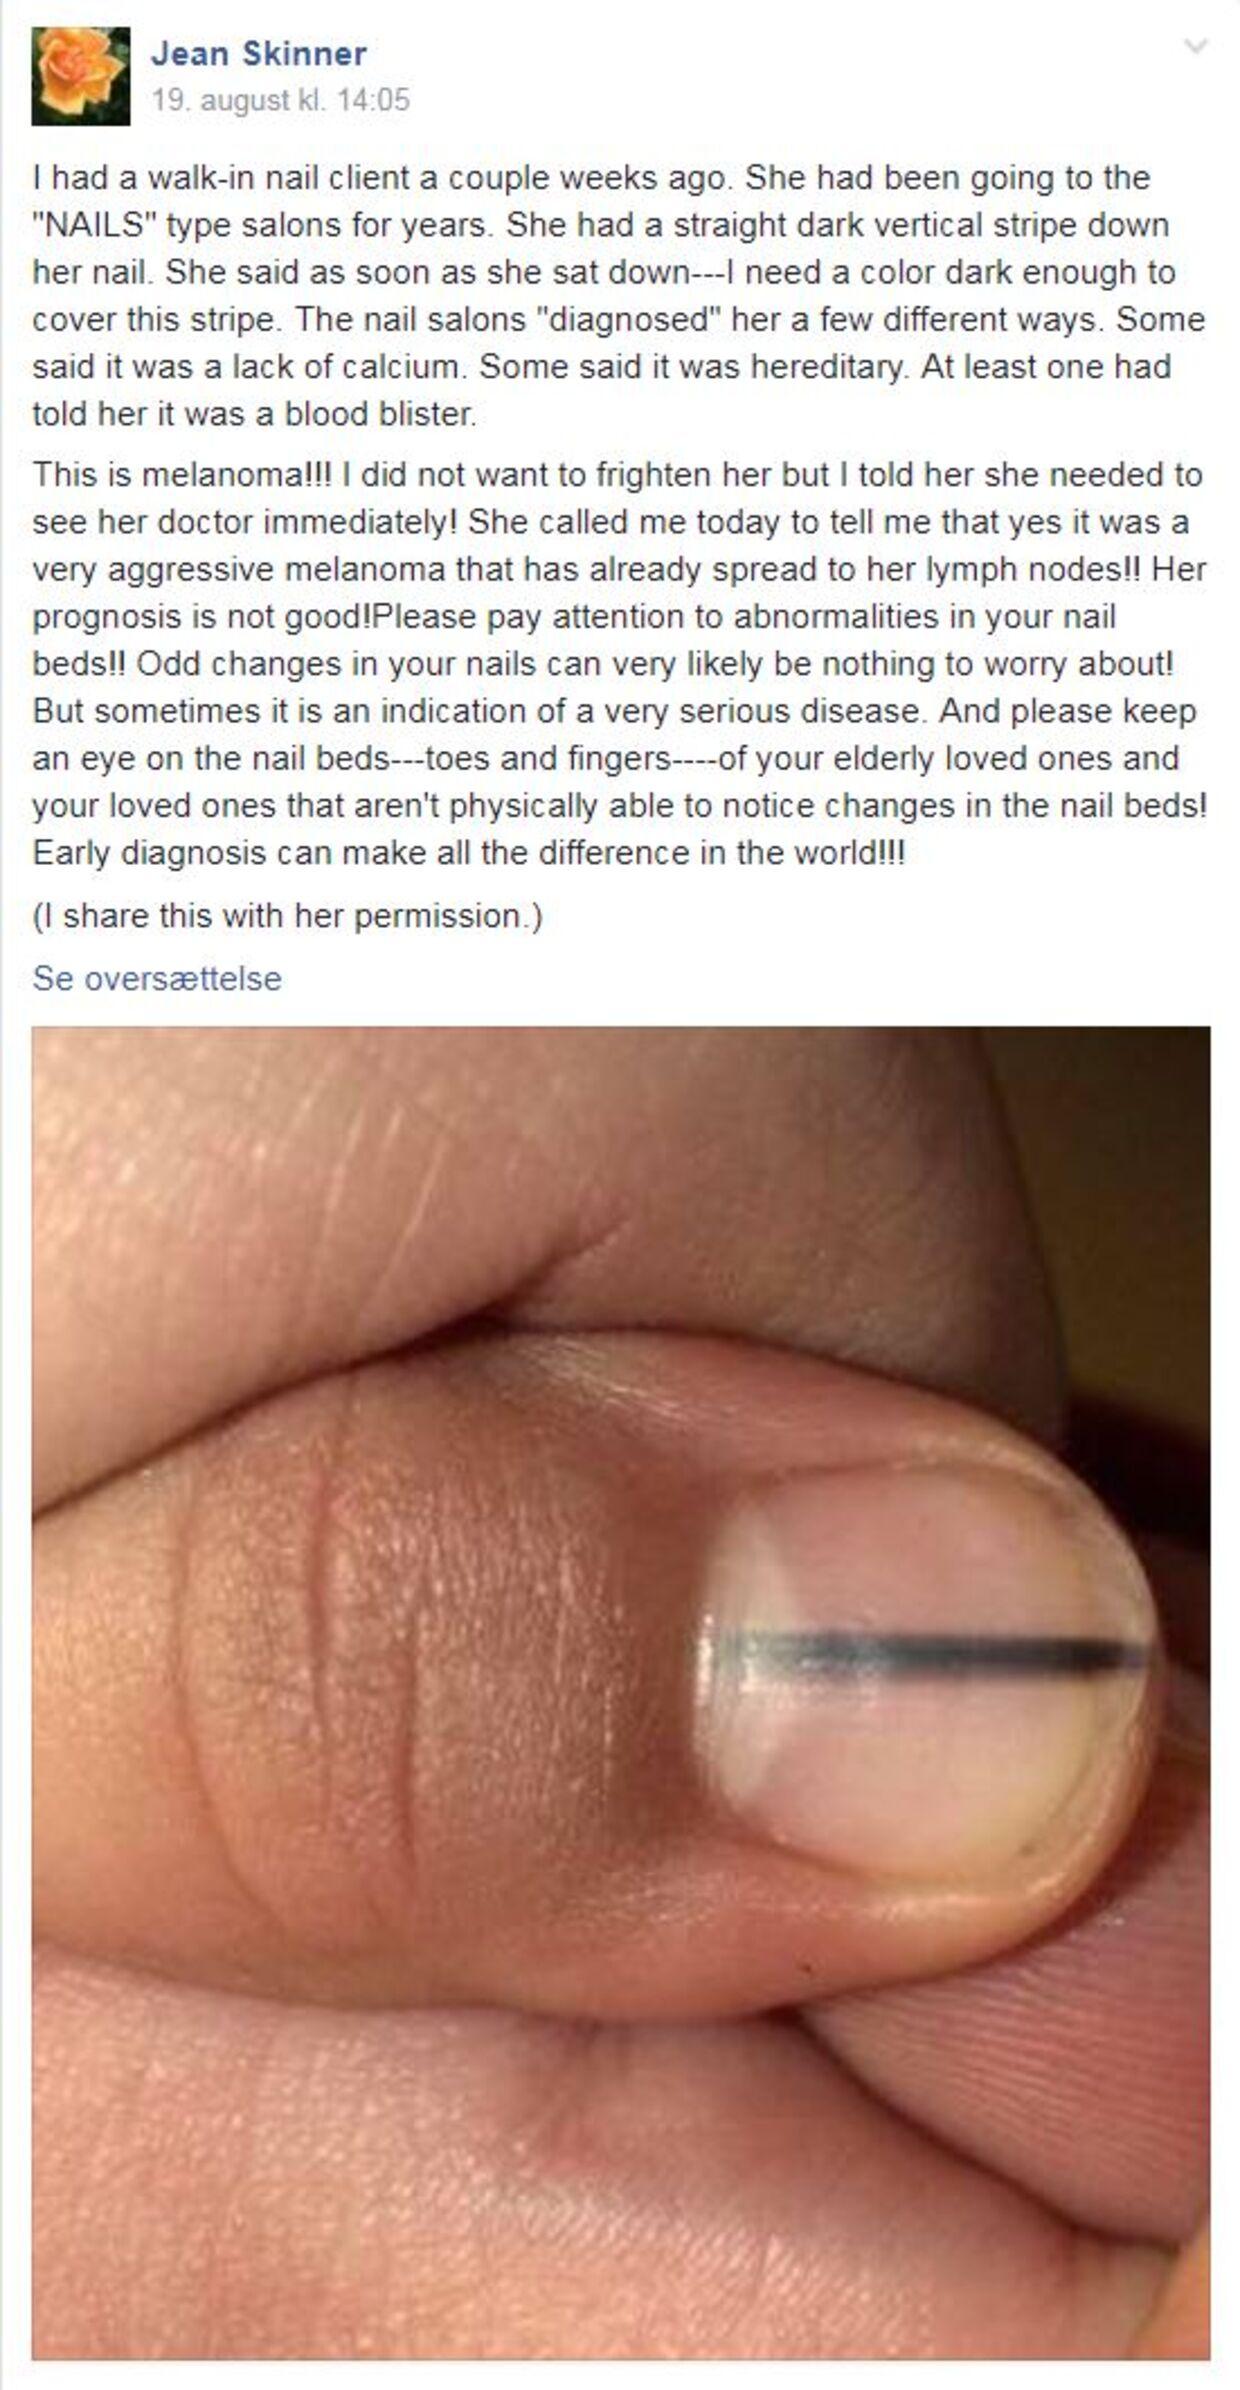 kræft i neglen